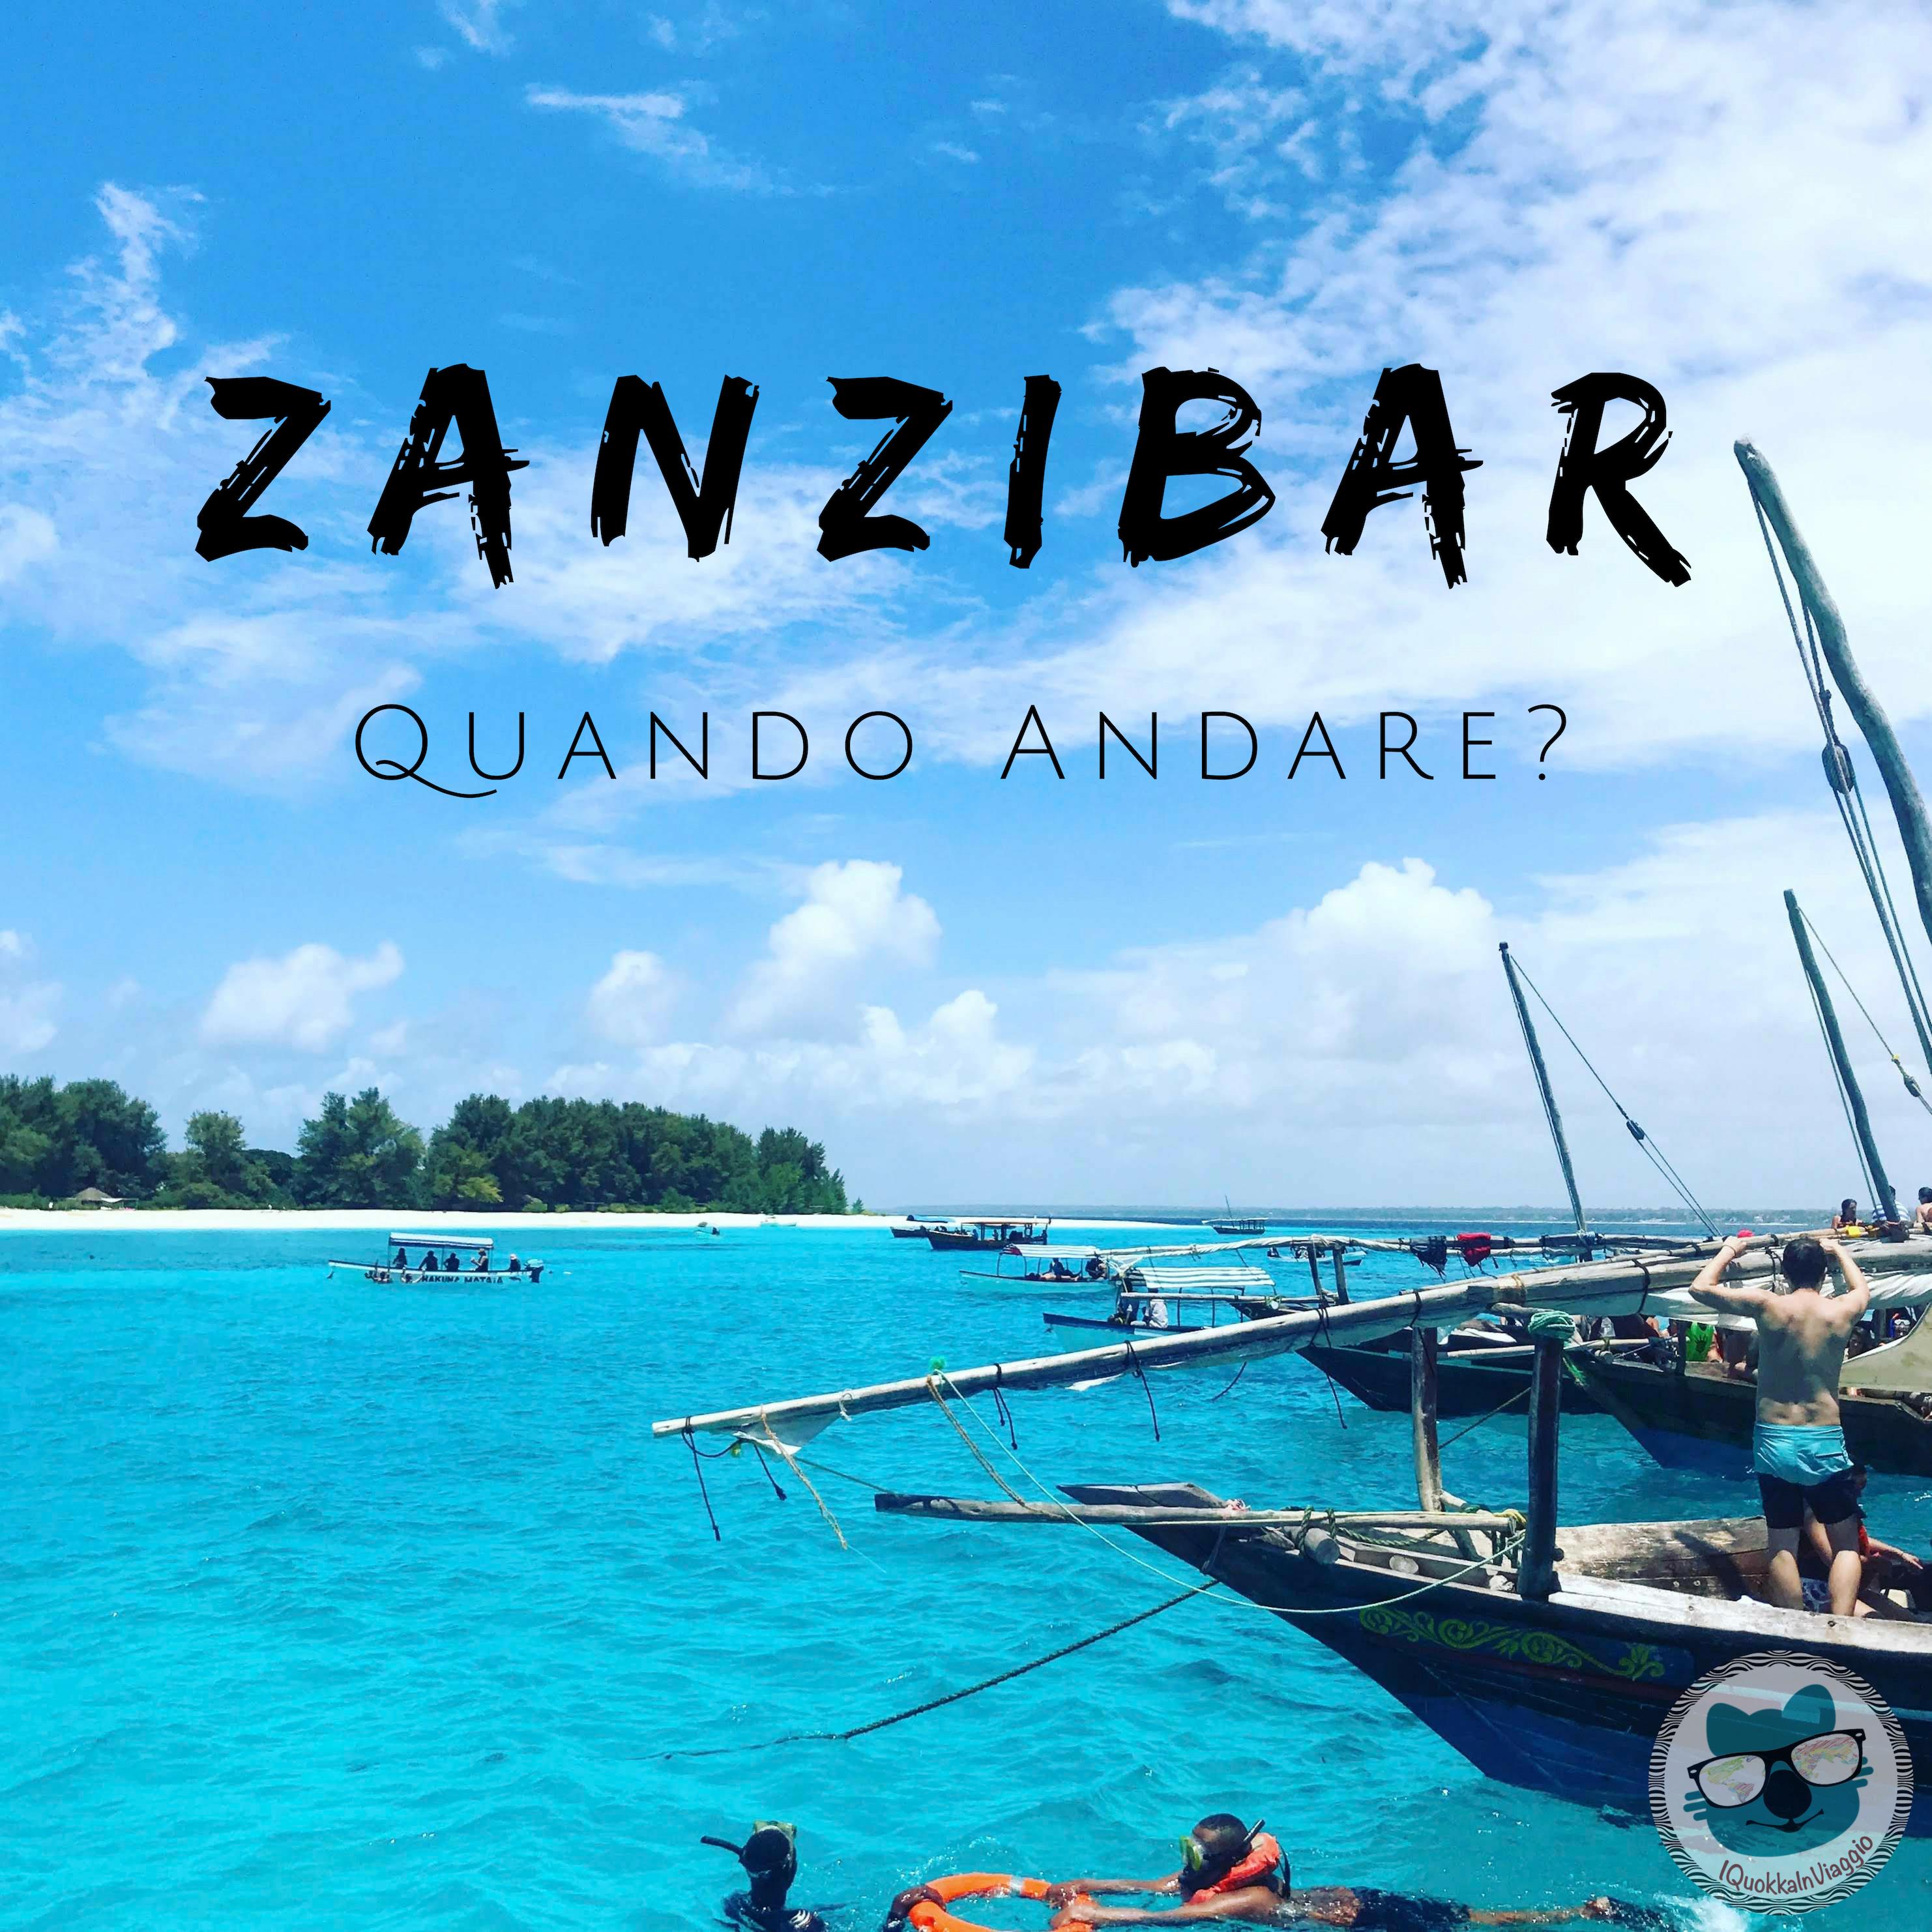 Zanzibar - Quando Andare